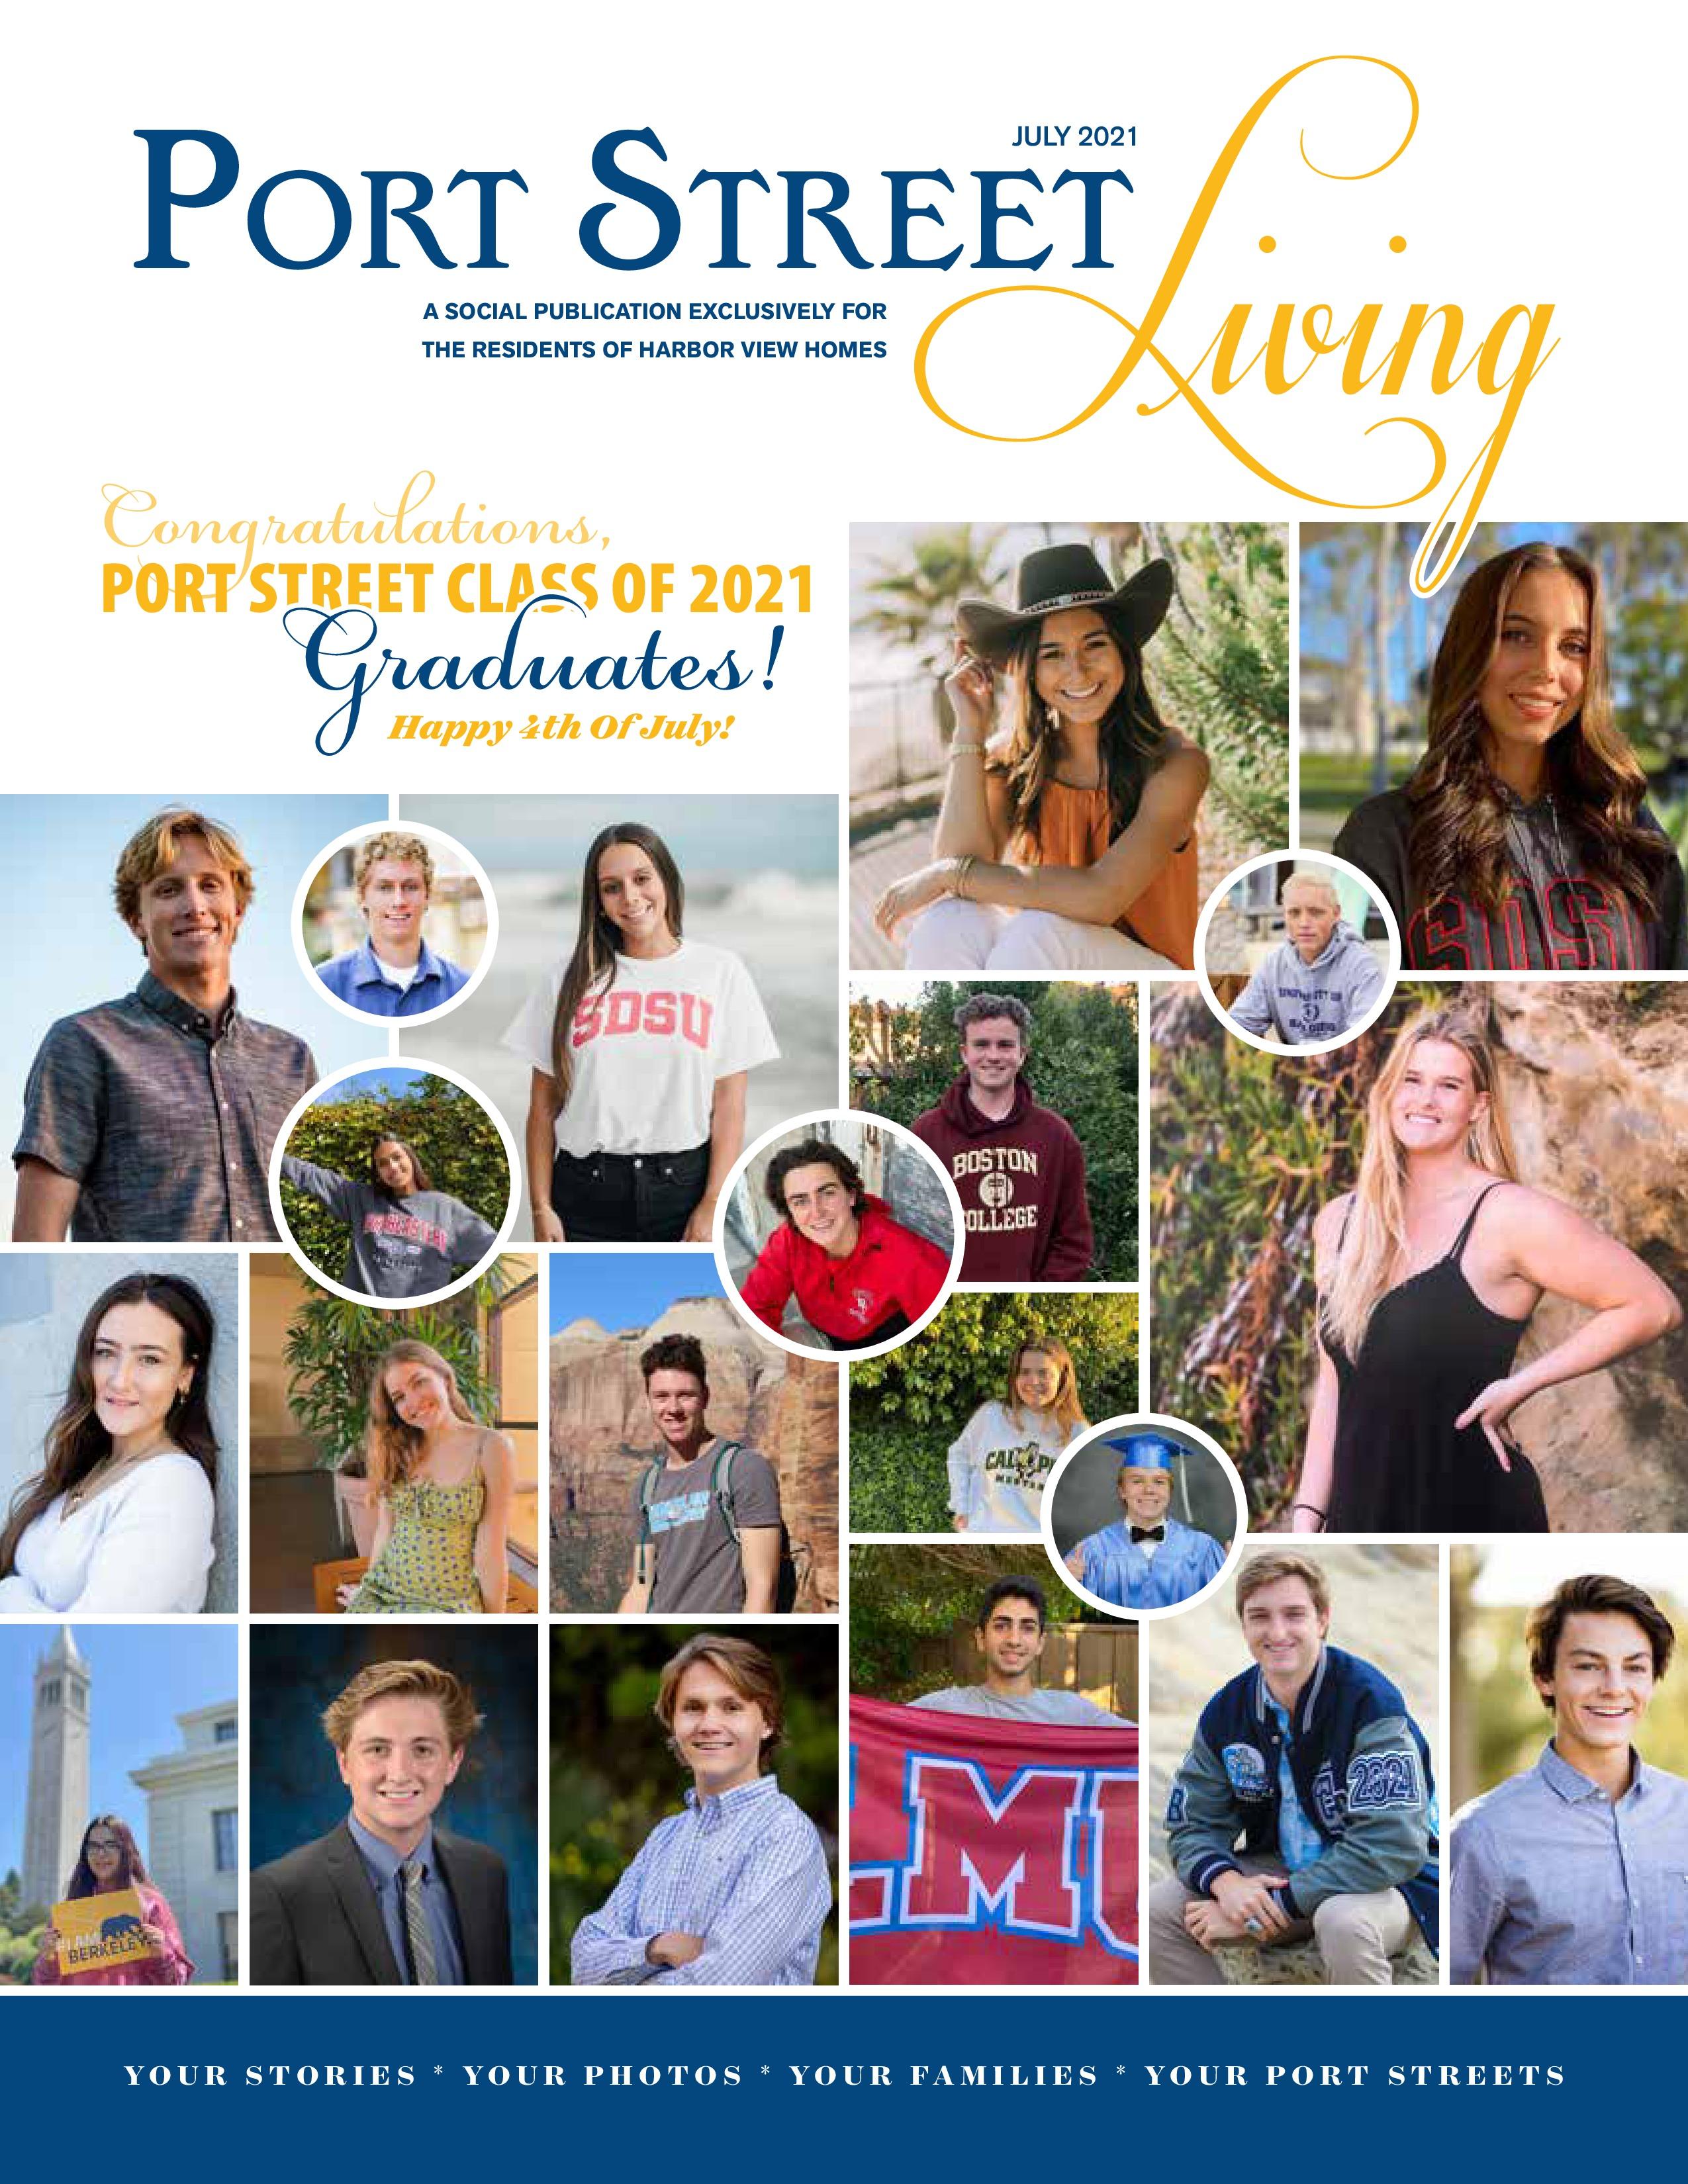 Port Street Living 2021-07-01